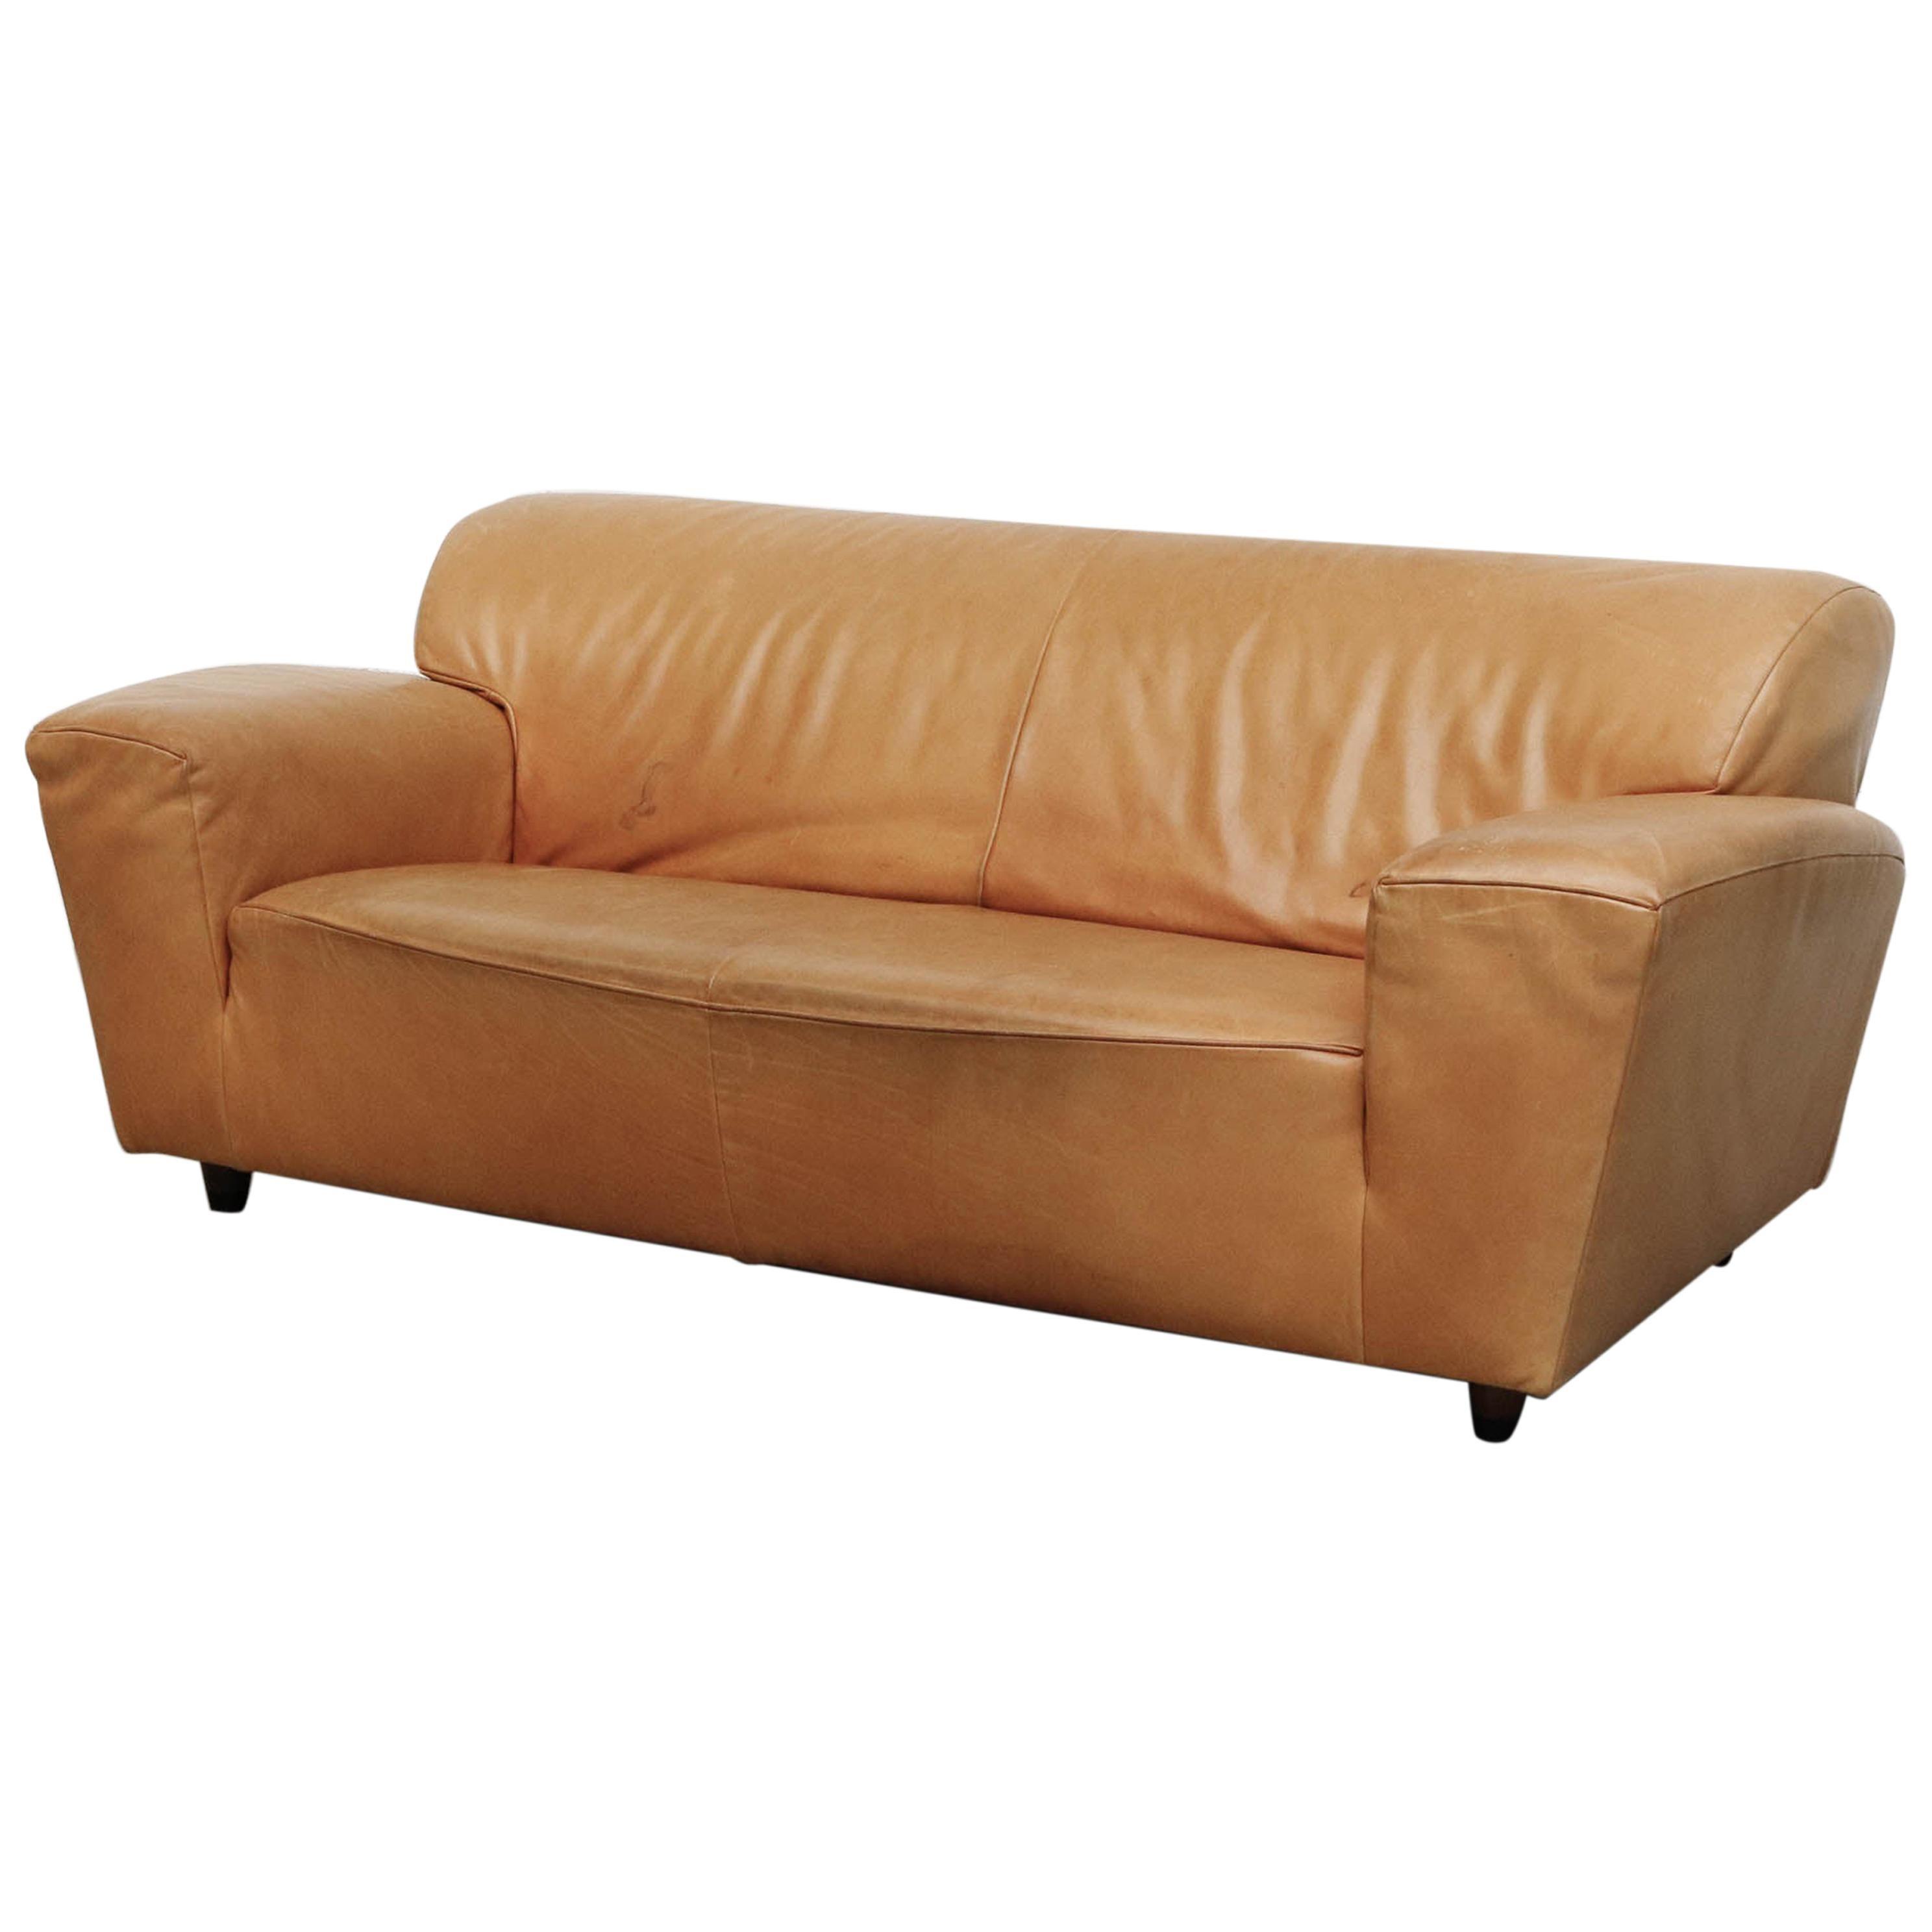 Gerard Van Den Berg 'Corvette' Sofa in Natural Leather